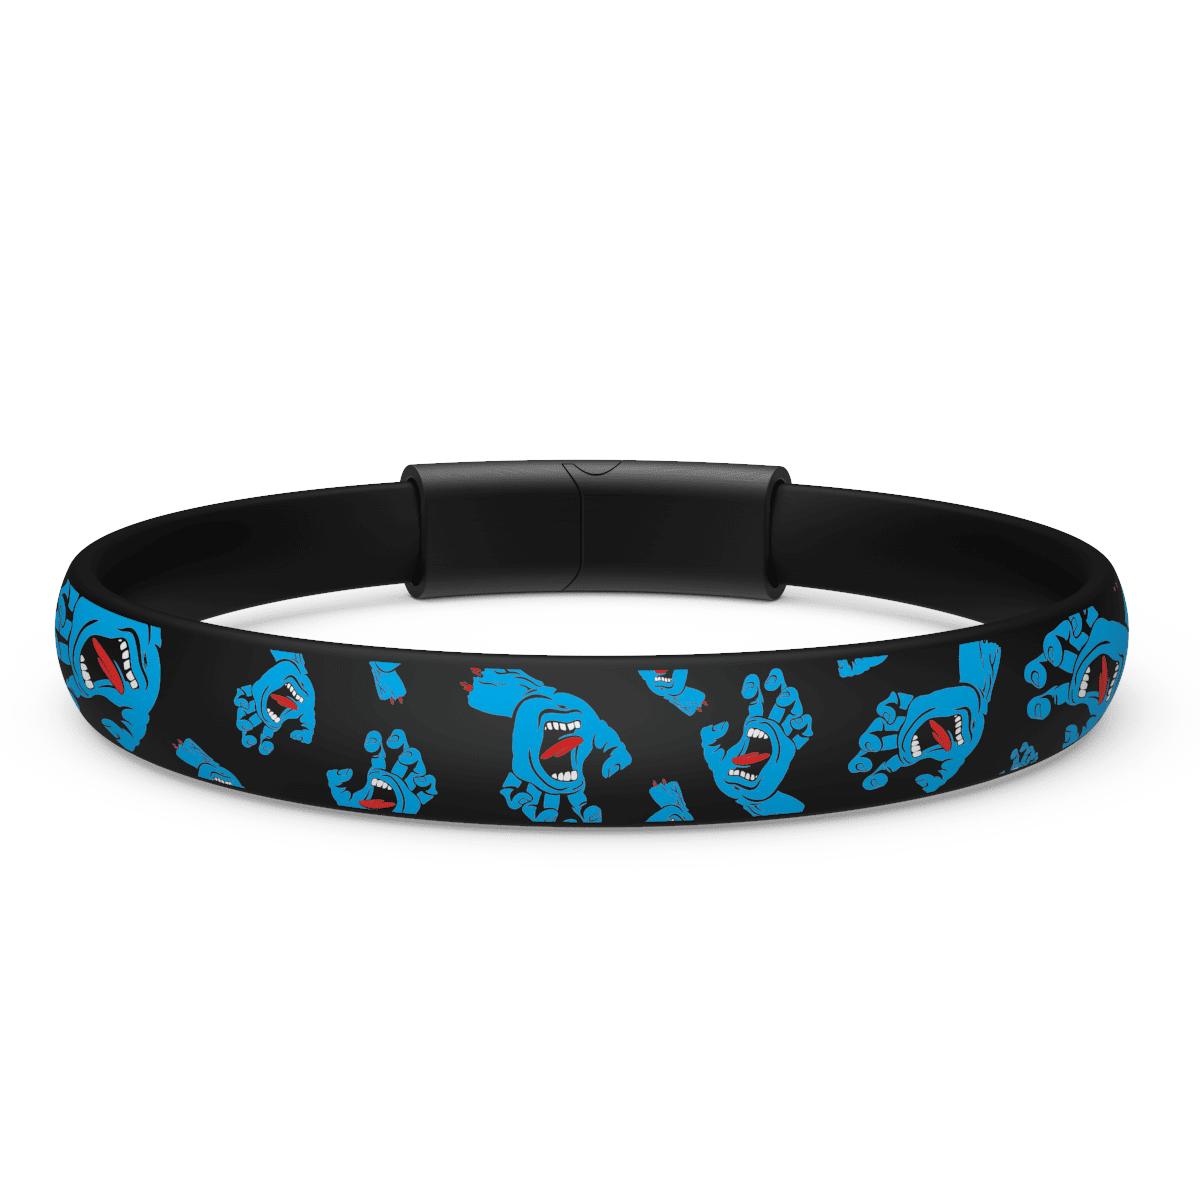 EnsoRings Santa Cruz Silicone Bracelet - Hands Allover - Black/Brushed